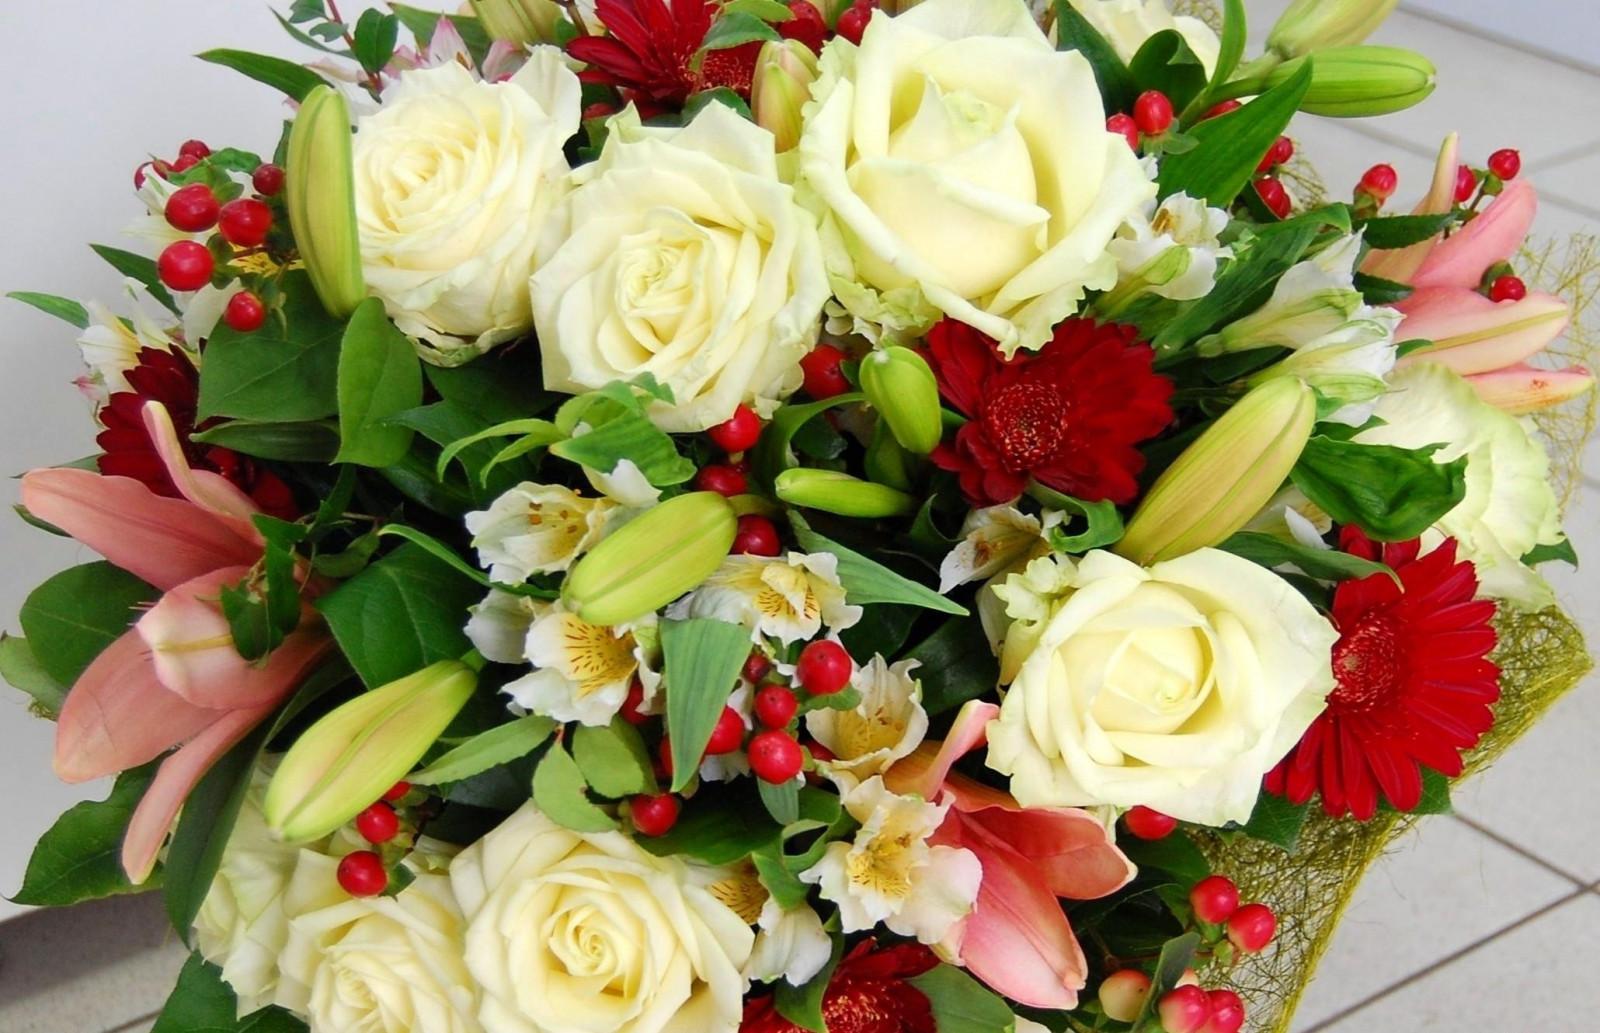 Цветы которыми украшают букеты, рублей 300